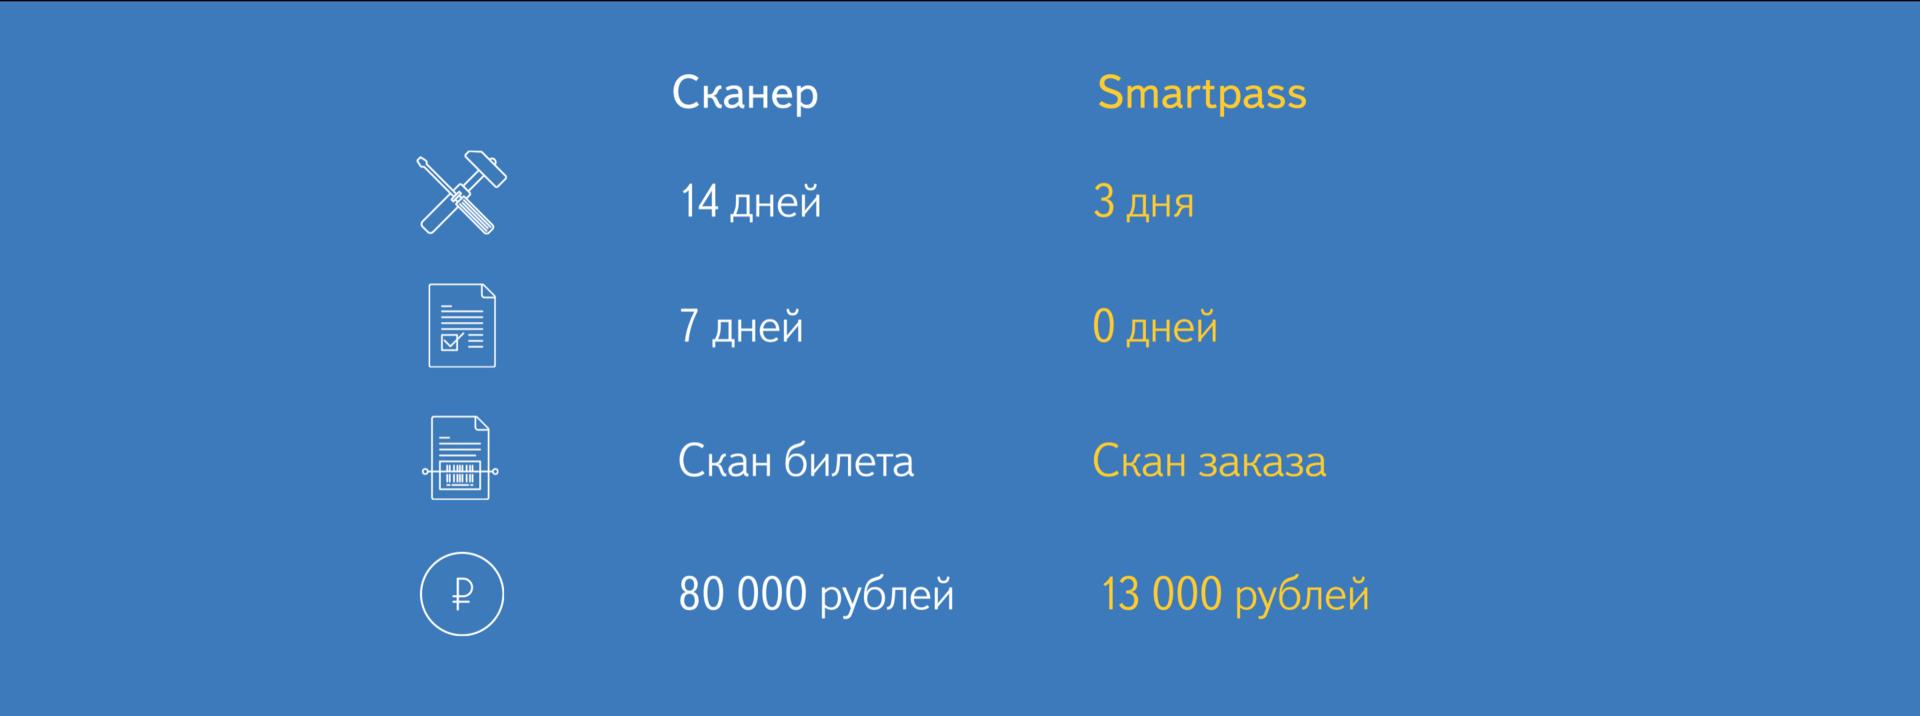 Технология от Яндекса, которая избавит нас от бумажных билетов в кино и очередей в кассу